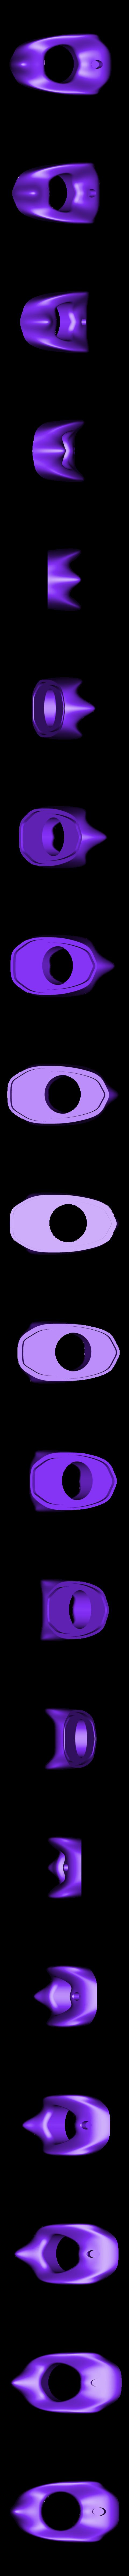 KroppaYlaosa.stl Download free STL file Kaljankka duck • Object to 3D print, NusNus